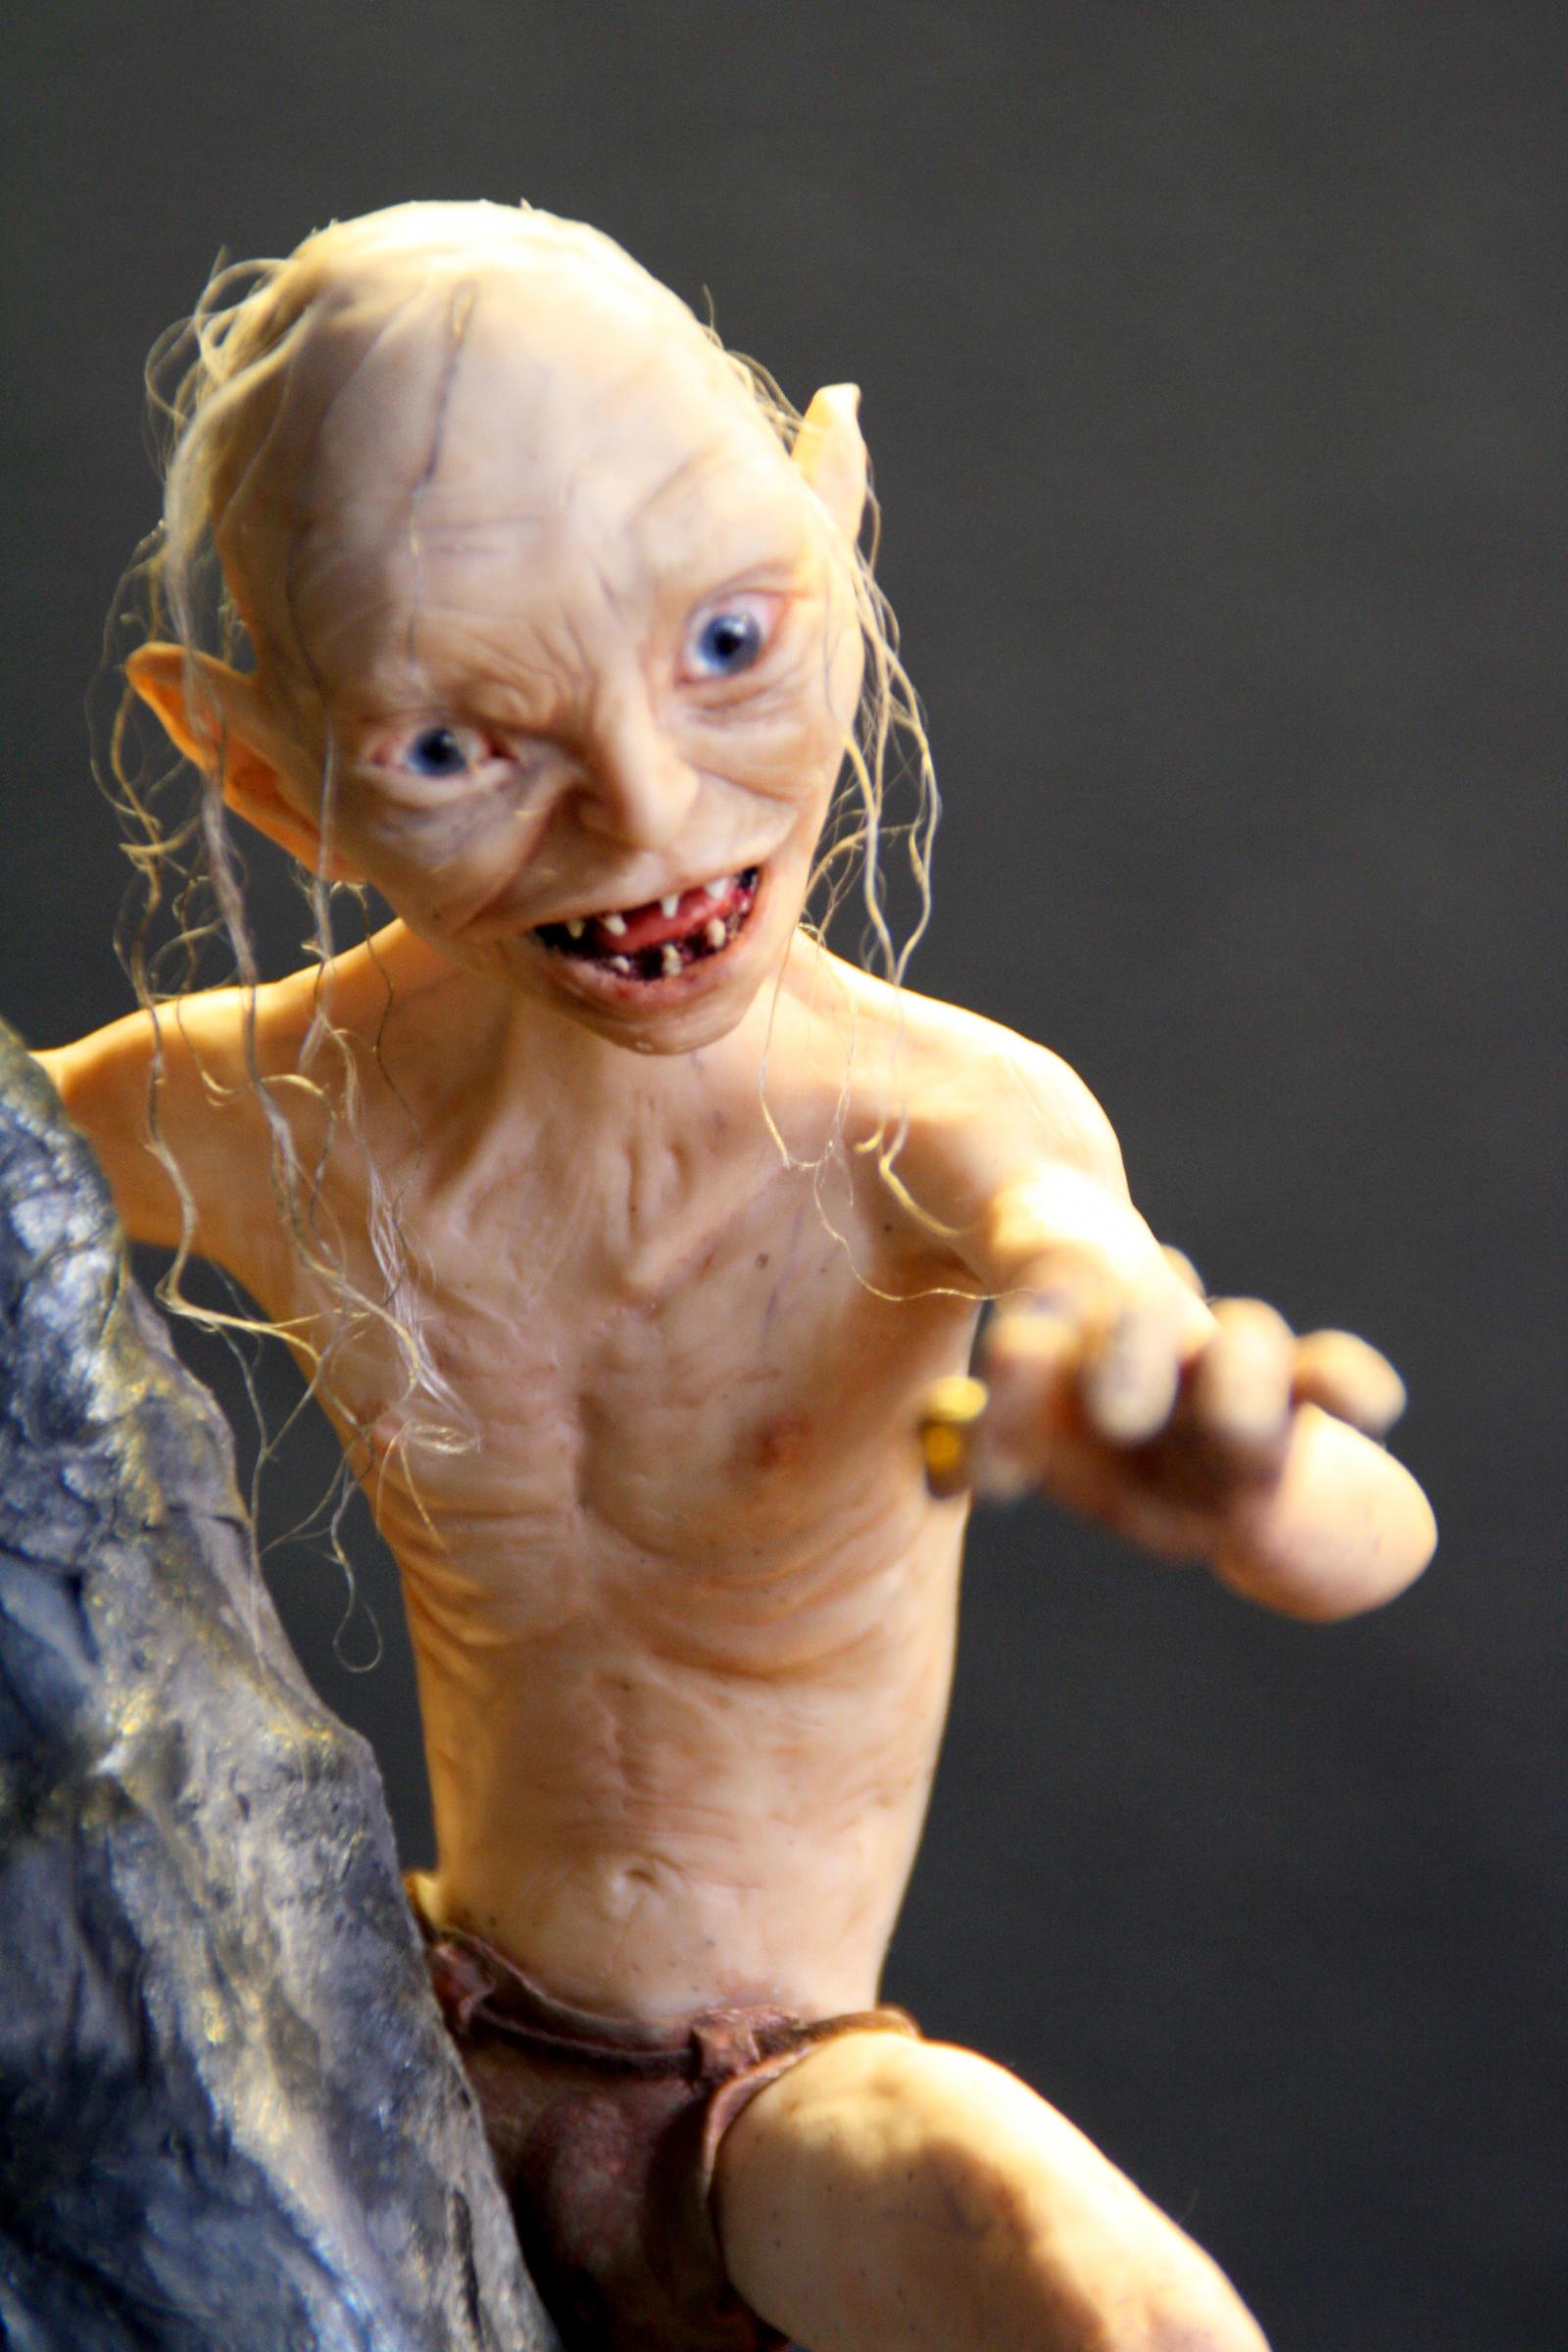 Gollum Action Figure - Polymer Clay HANDMADE by frybla